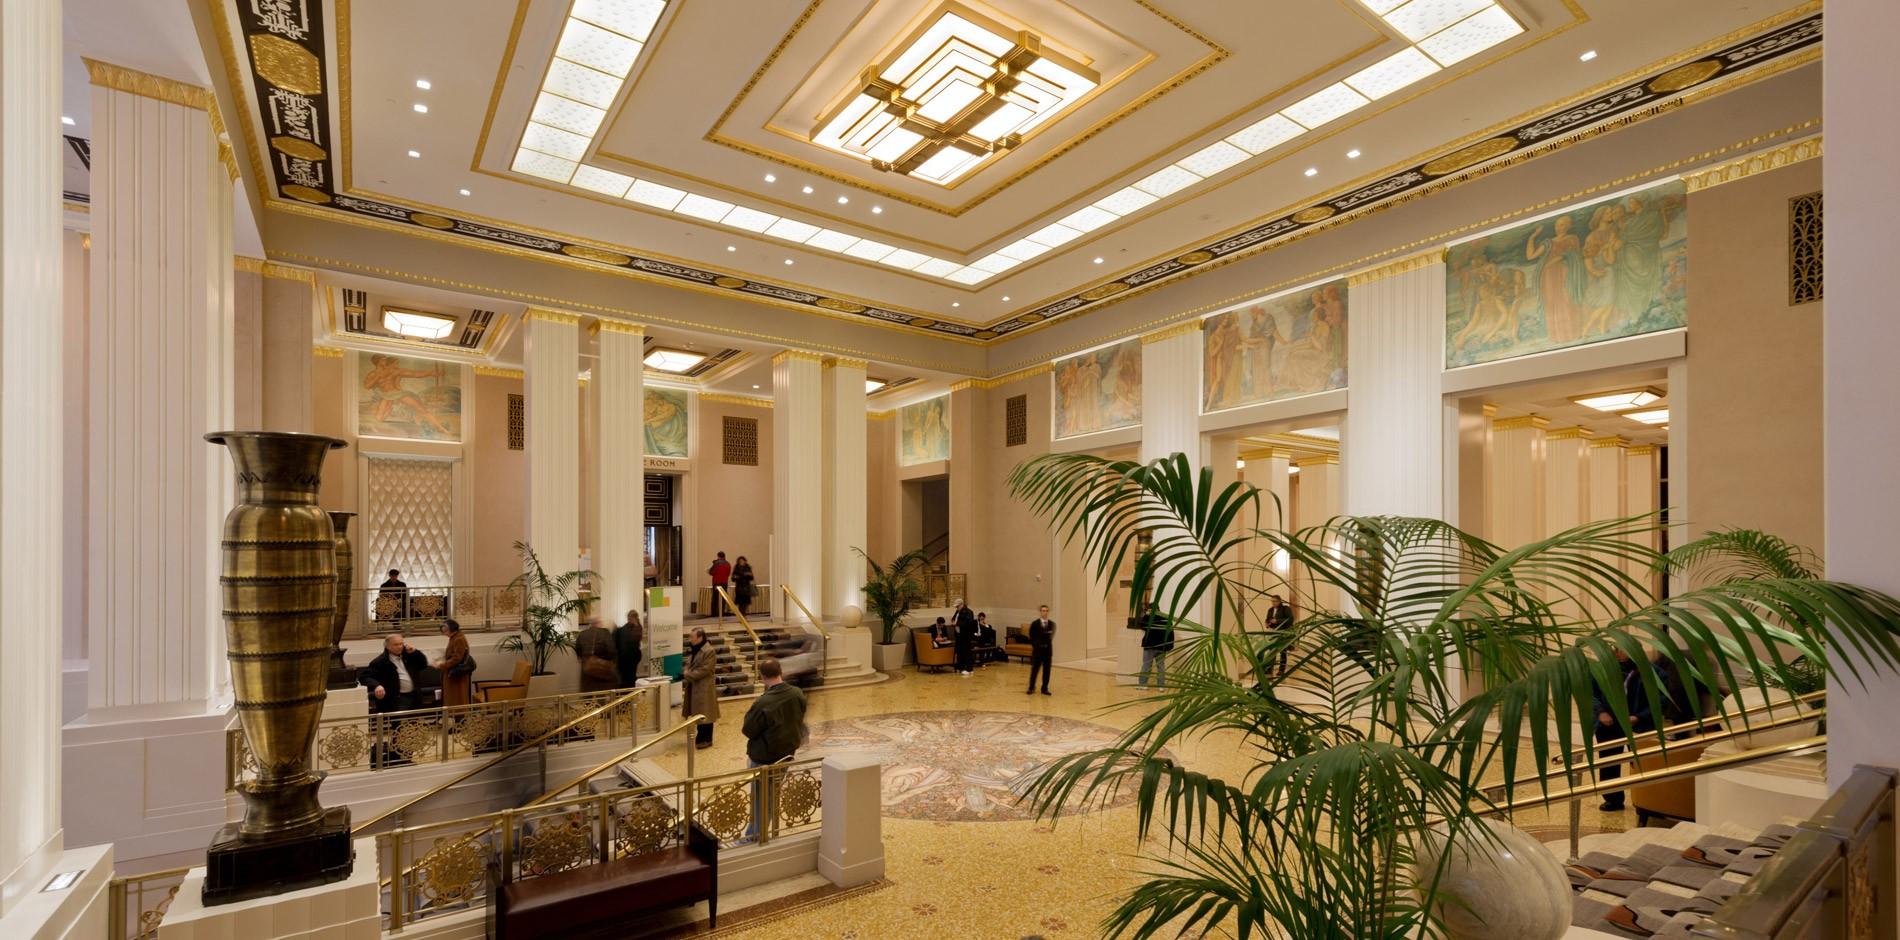 waldorf astoria hotel renovation restoration. Black Bedroom Furniture Sets. Home Design Ideas